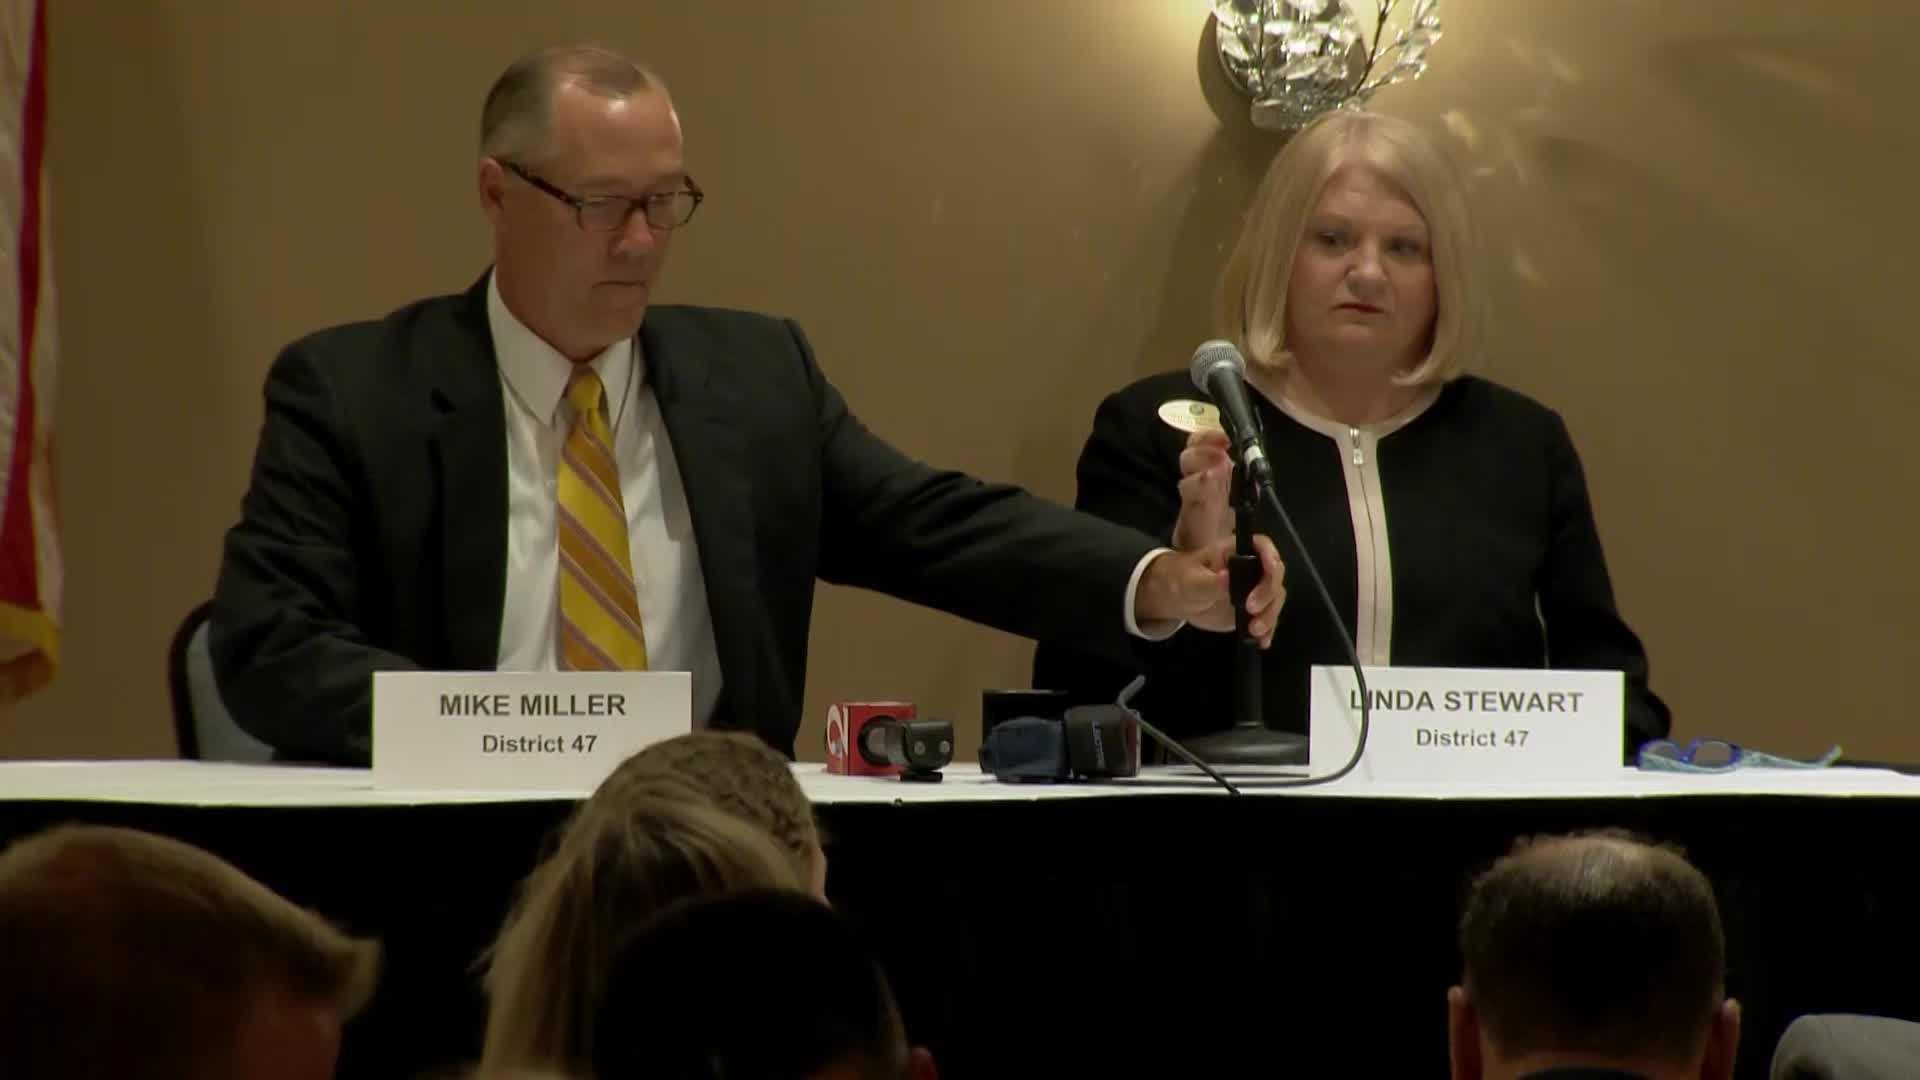 Incumbent Rep. Linda Stewart debates Mike Miller in the District 47 race.